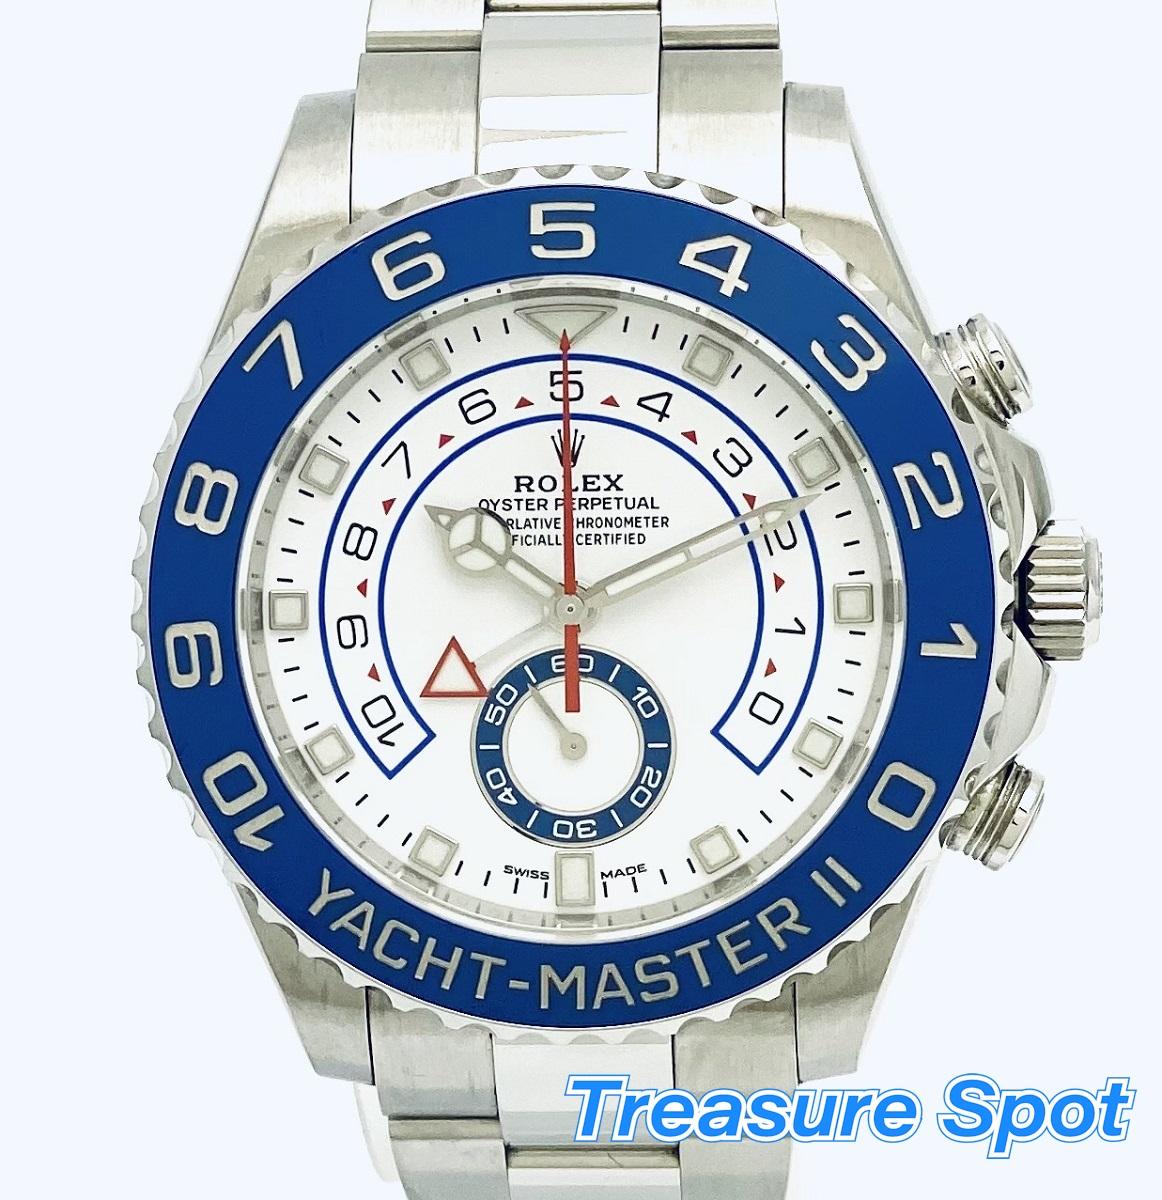 お歳暮 ROLEX ヨットマスターII 116680 SS ROLEX ステンレス AT 自動巻き  ランダム 箱 メンズ 腕時計 送料無料【トレジャースポット】【】, 和気町:45e1b087 --- agrohub.redlab.site